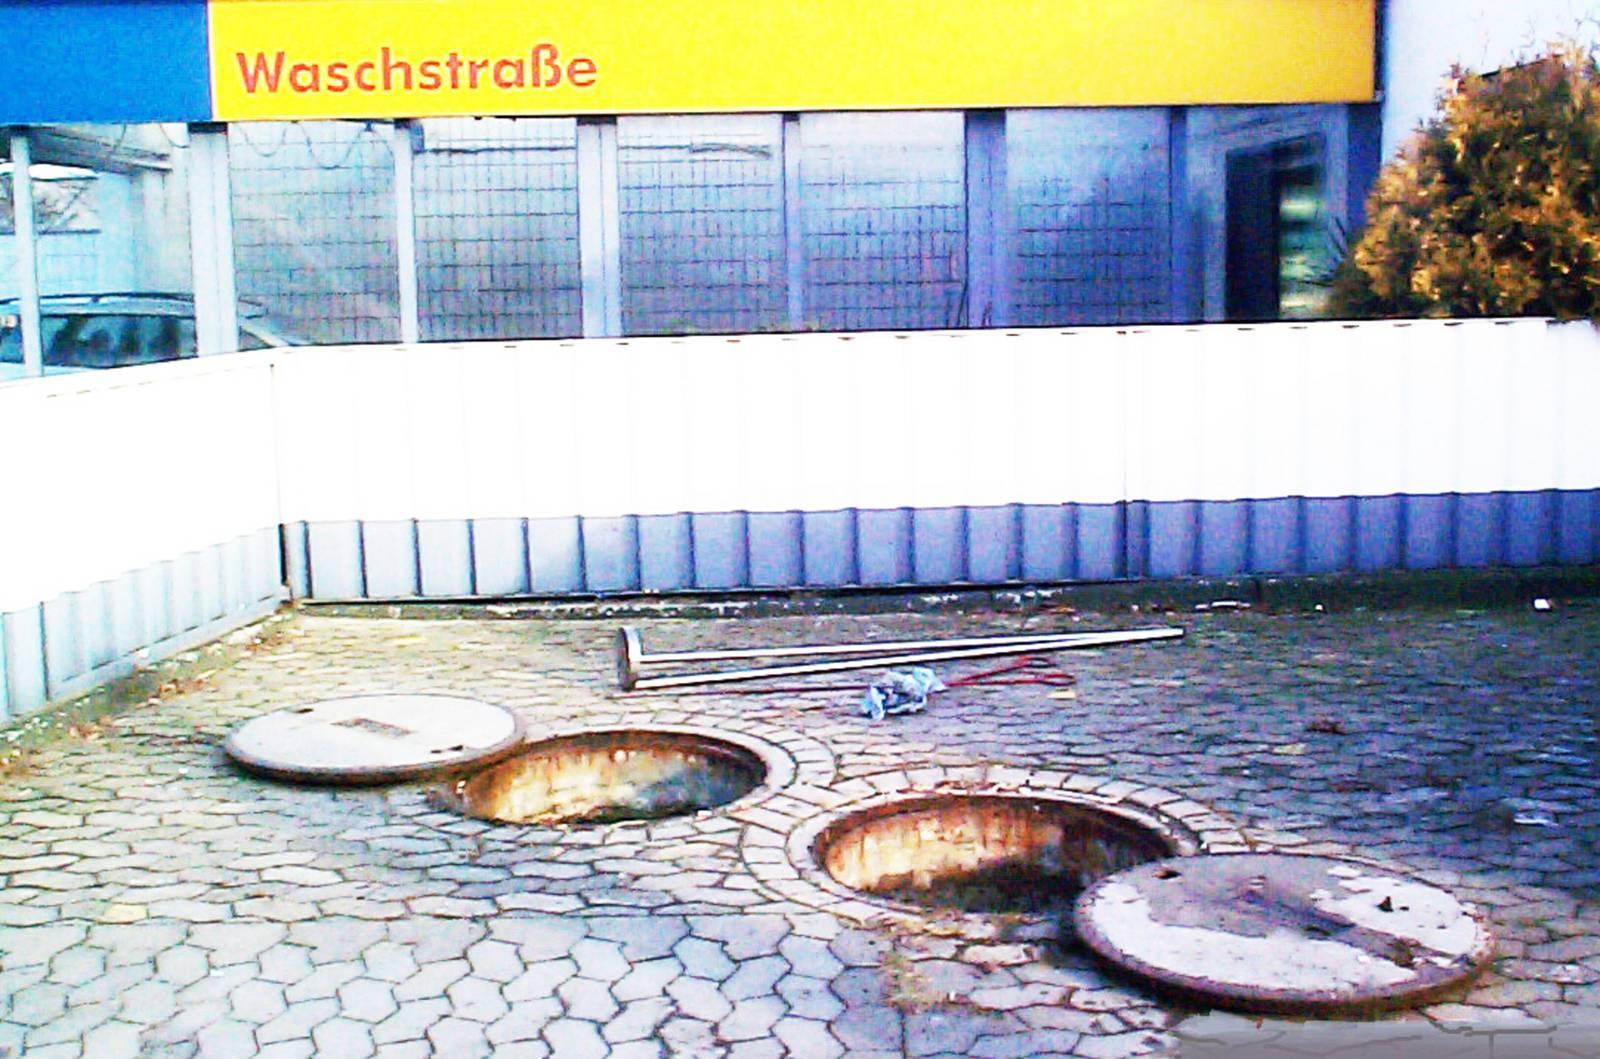 Indirekteinleiterkontrolle an einer Waschstraße